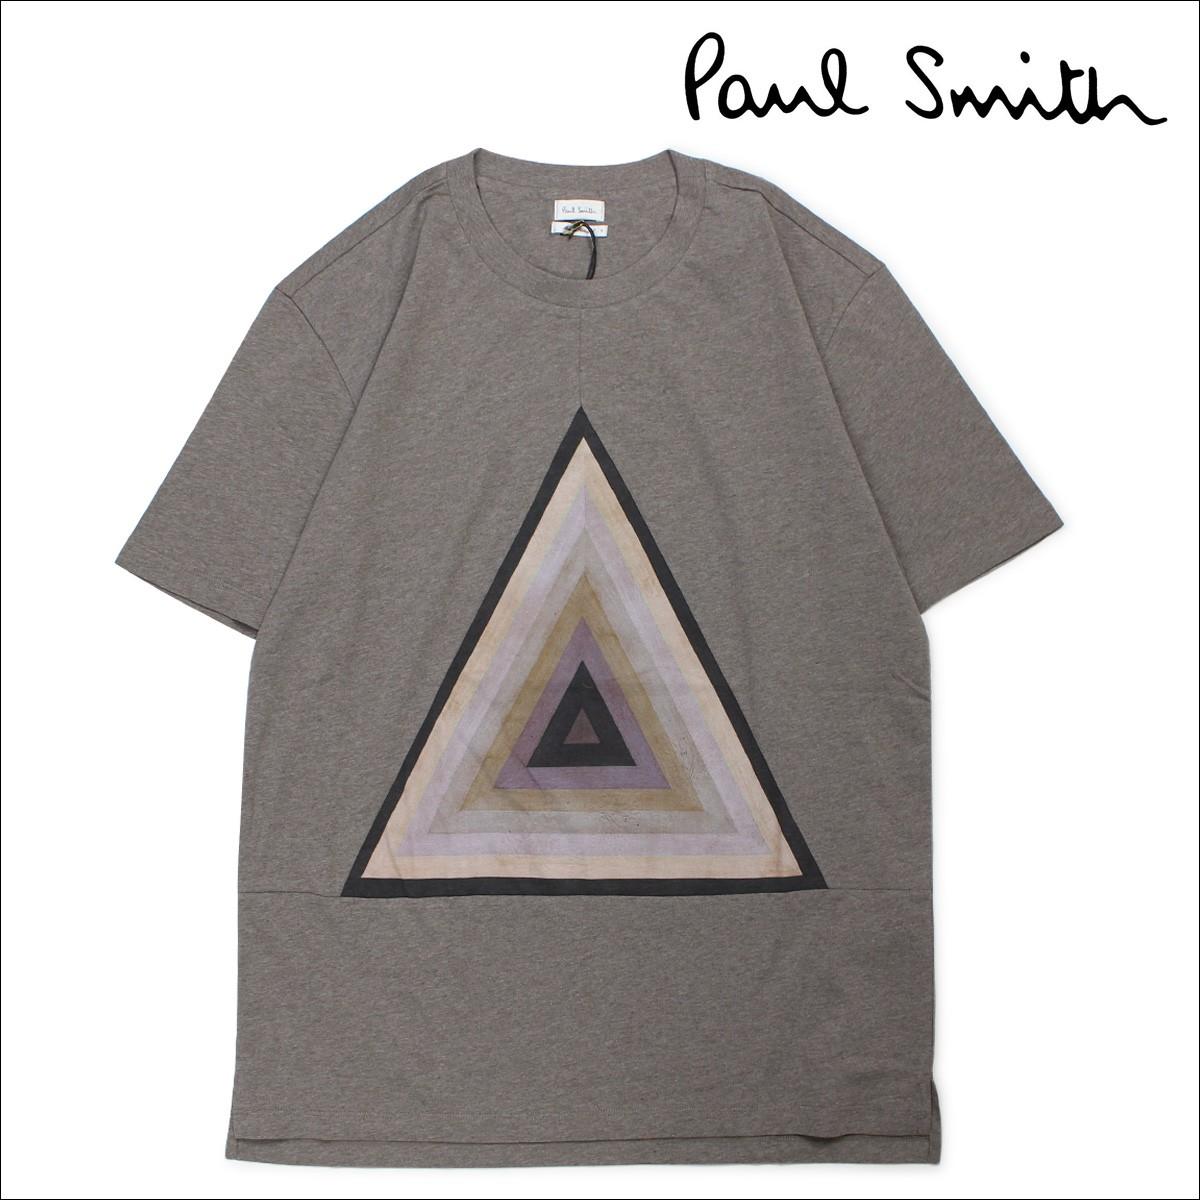 ポールスミス Tシャツ メンズ Paul Smith 半袖 トップス カットソー クルーネック GENT SREW NECK T SHIRT PNPC 445P 171 グレー